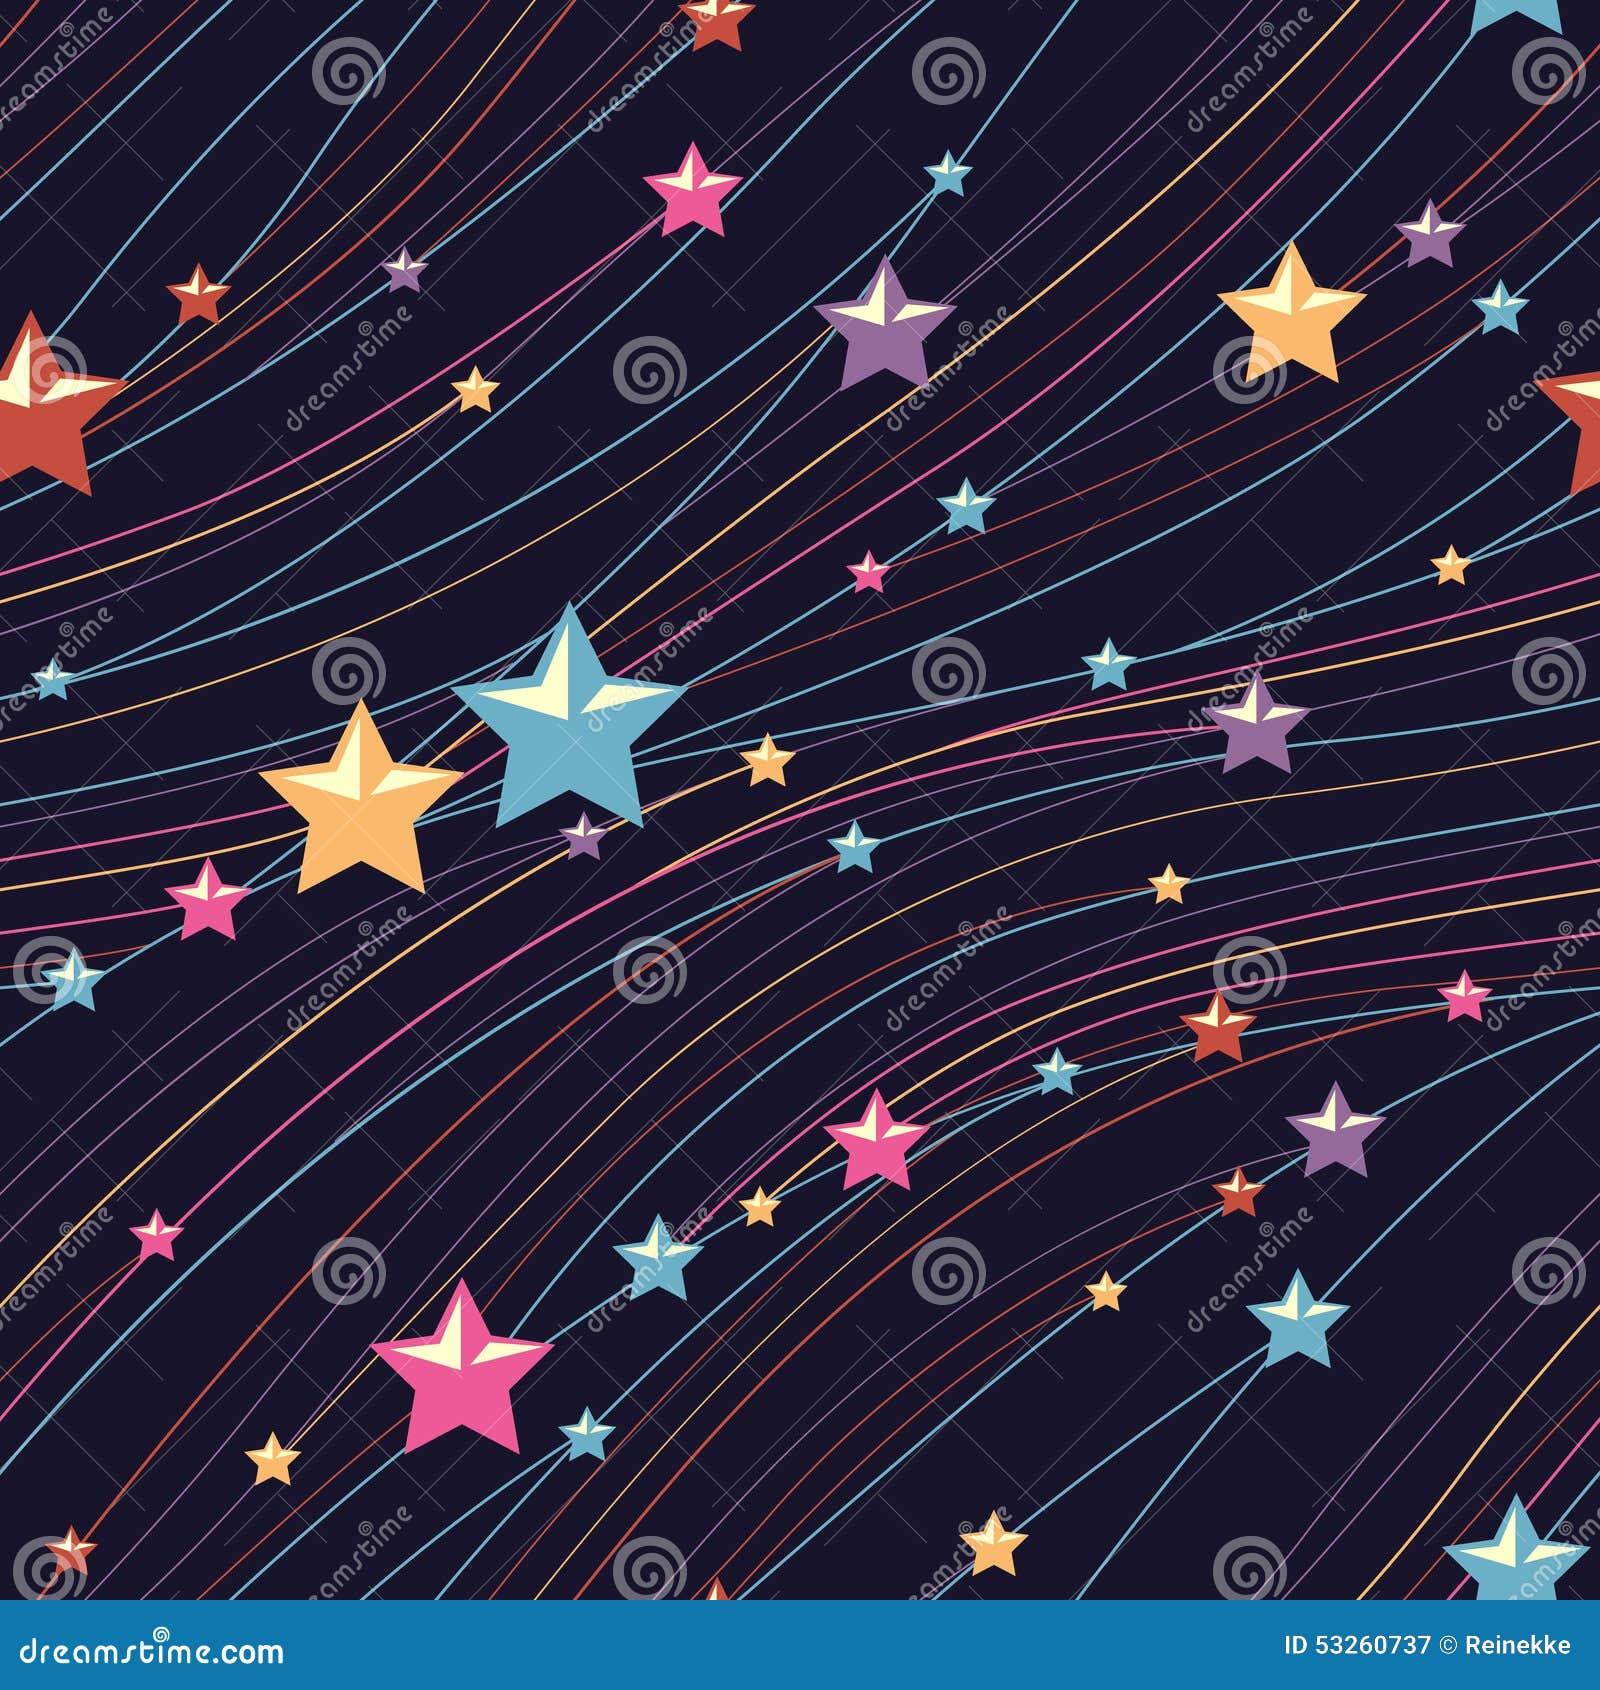 abstractstars abstract stars patterns - photo #7